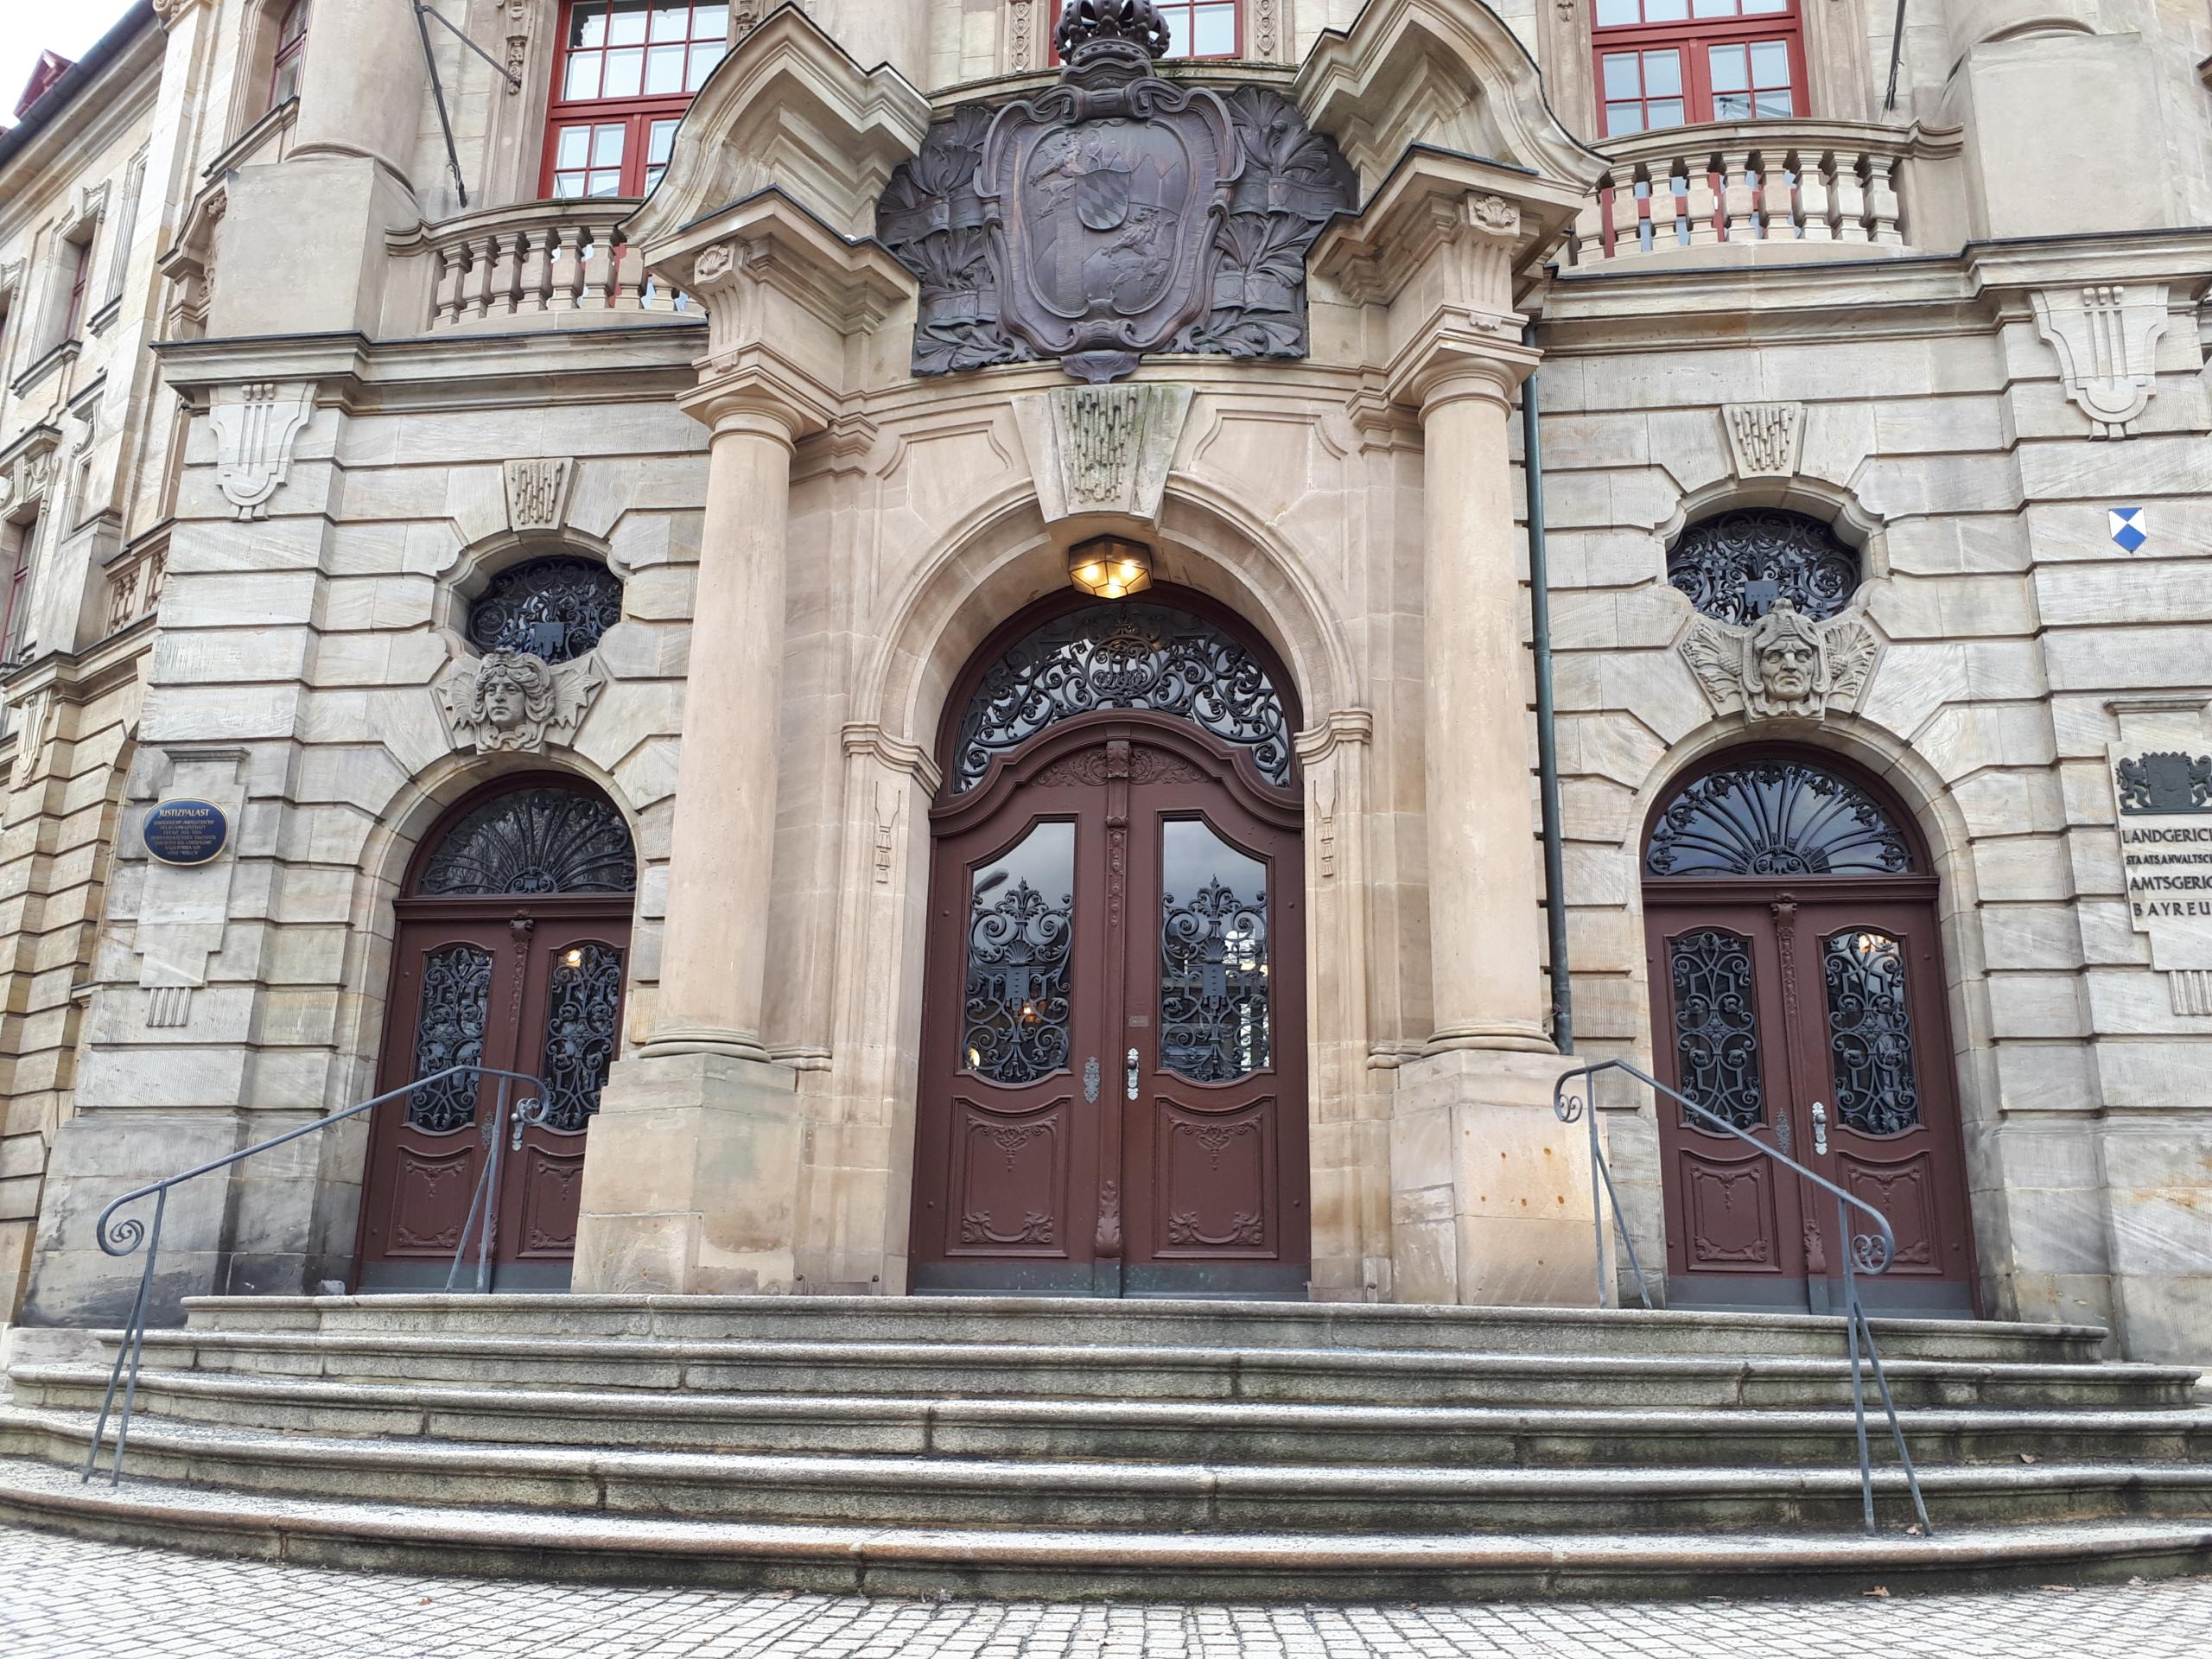 Das Amtsgericht in Bayreuth. Archivfoto: Redaktion